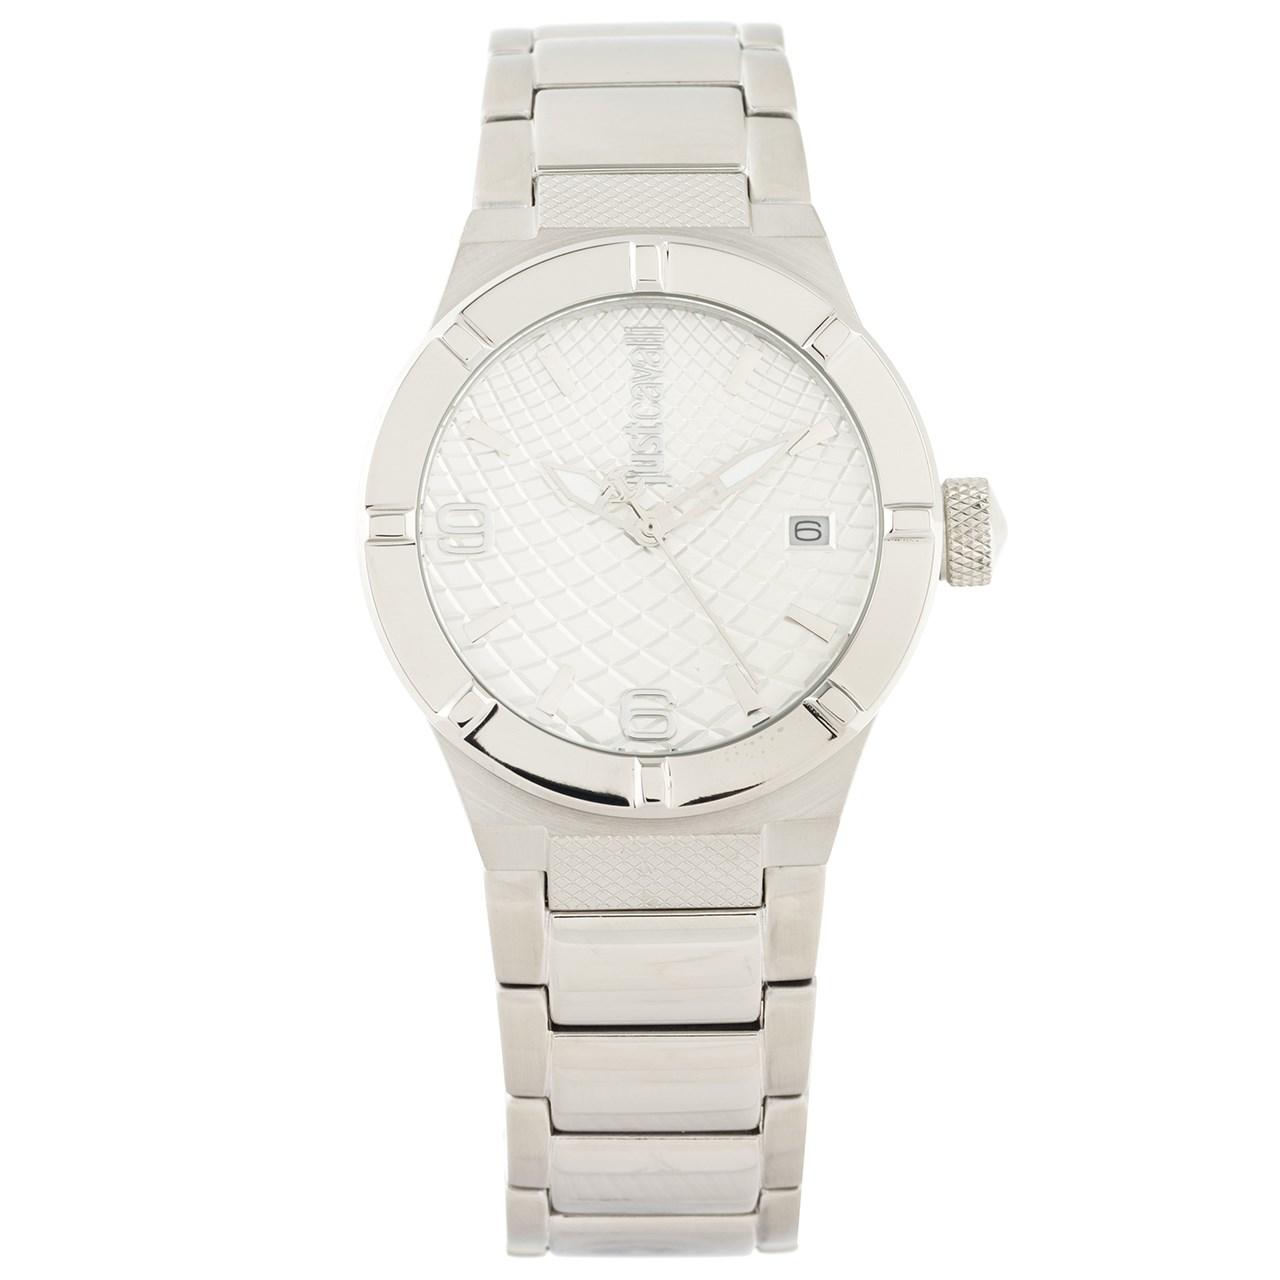 خرید ساعت مچی عقربه ای زنانه جاست کاوالی مدل JC1L017M0055